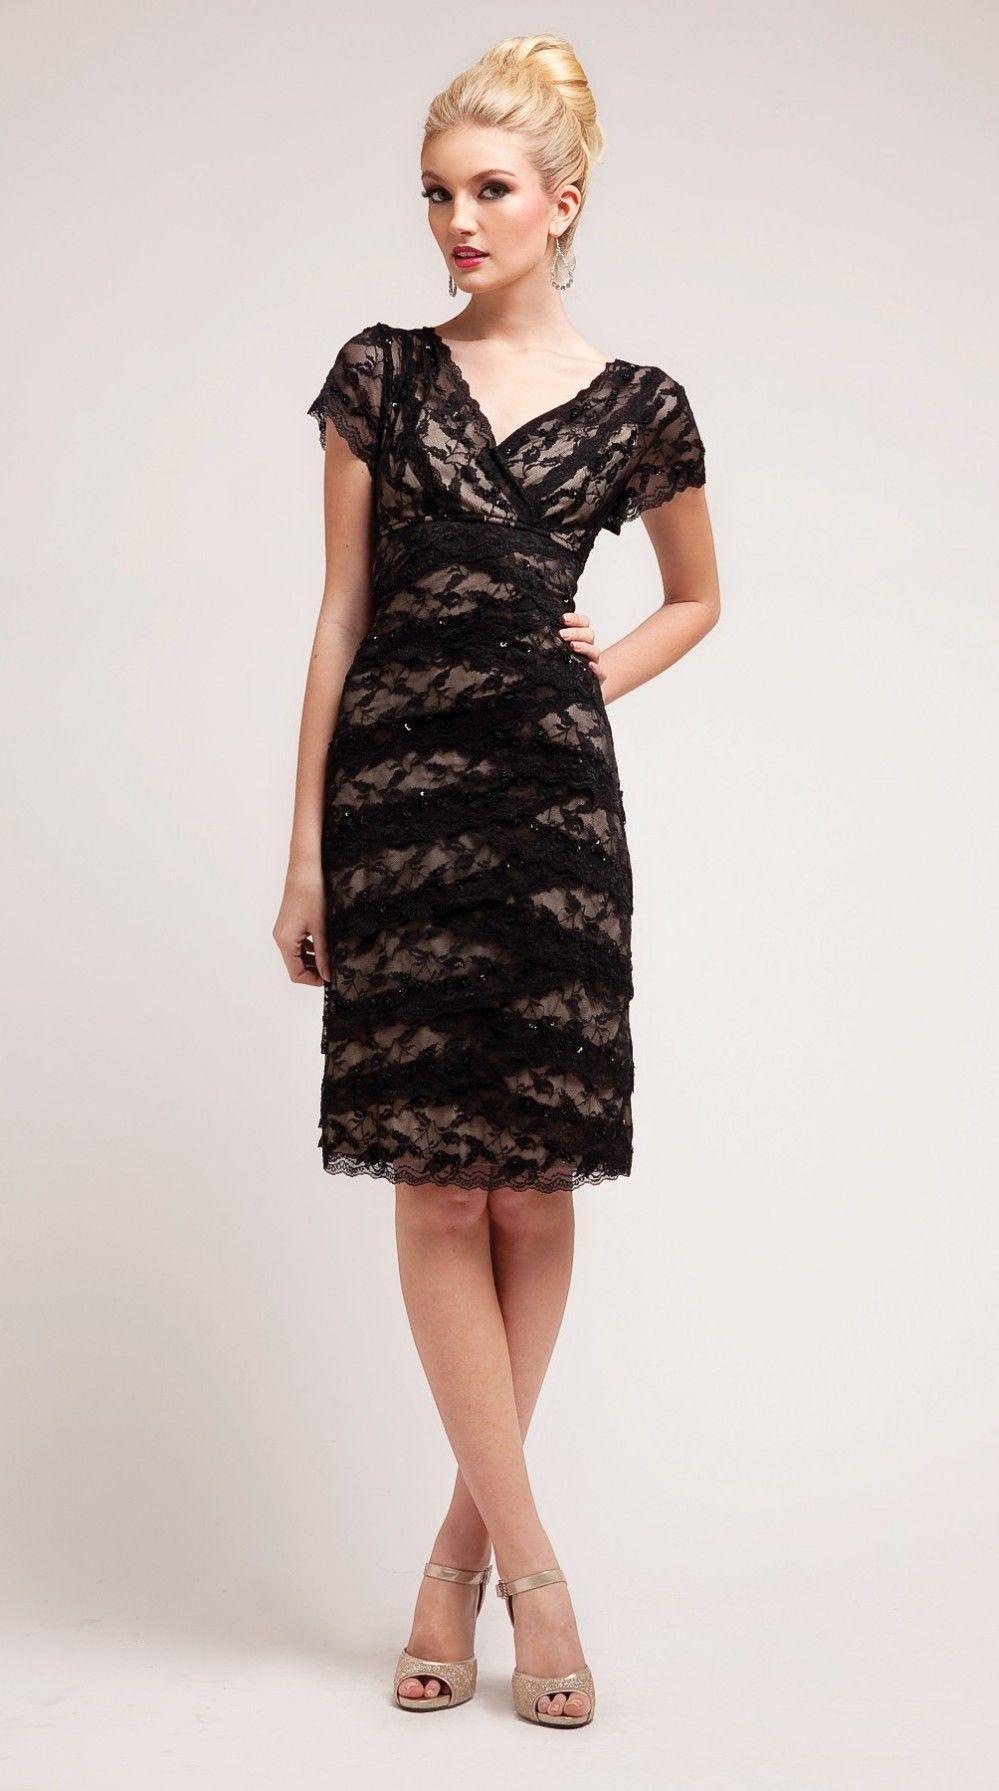 Vintage Knee Length Black Semi Formal Dress V Neck Short Sleeve Sophisticated Cocktail Dress